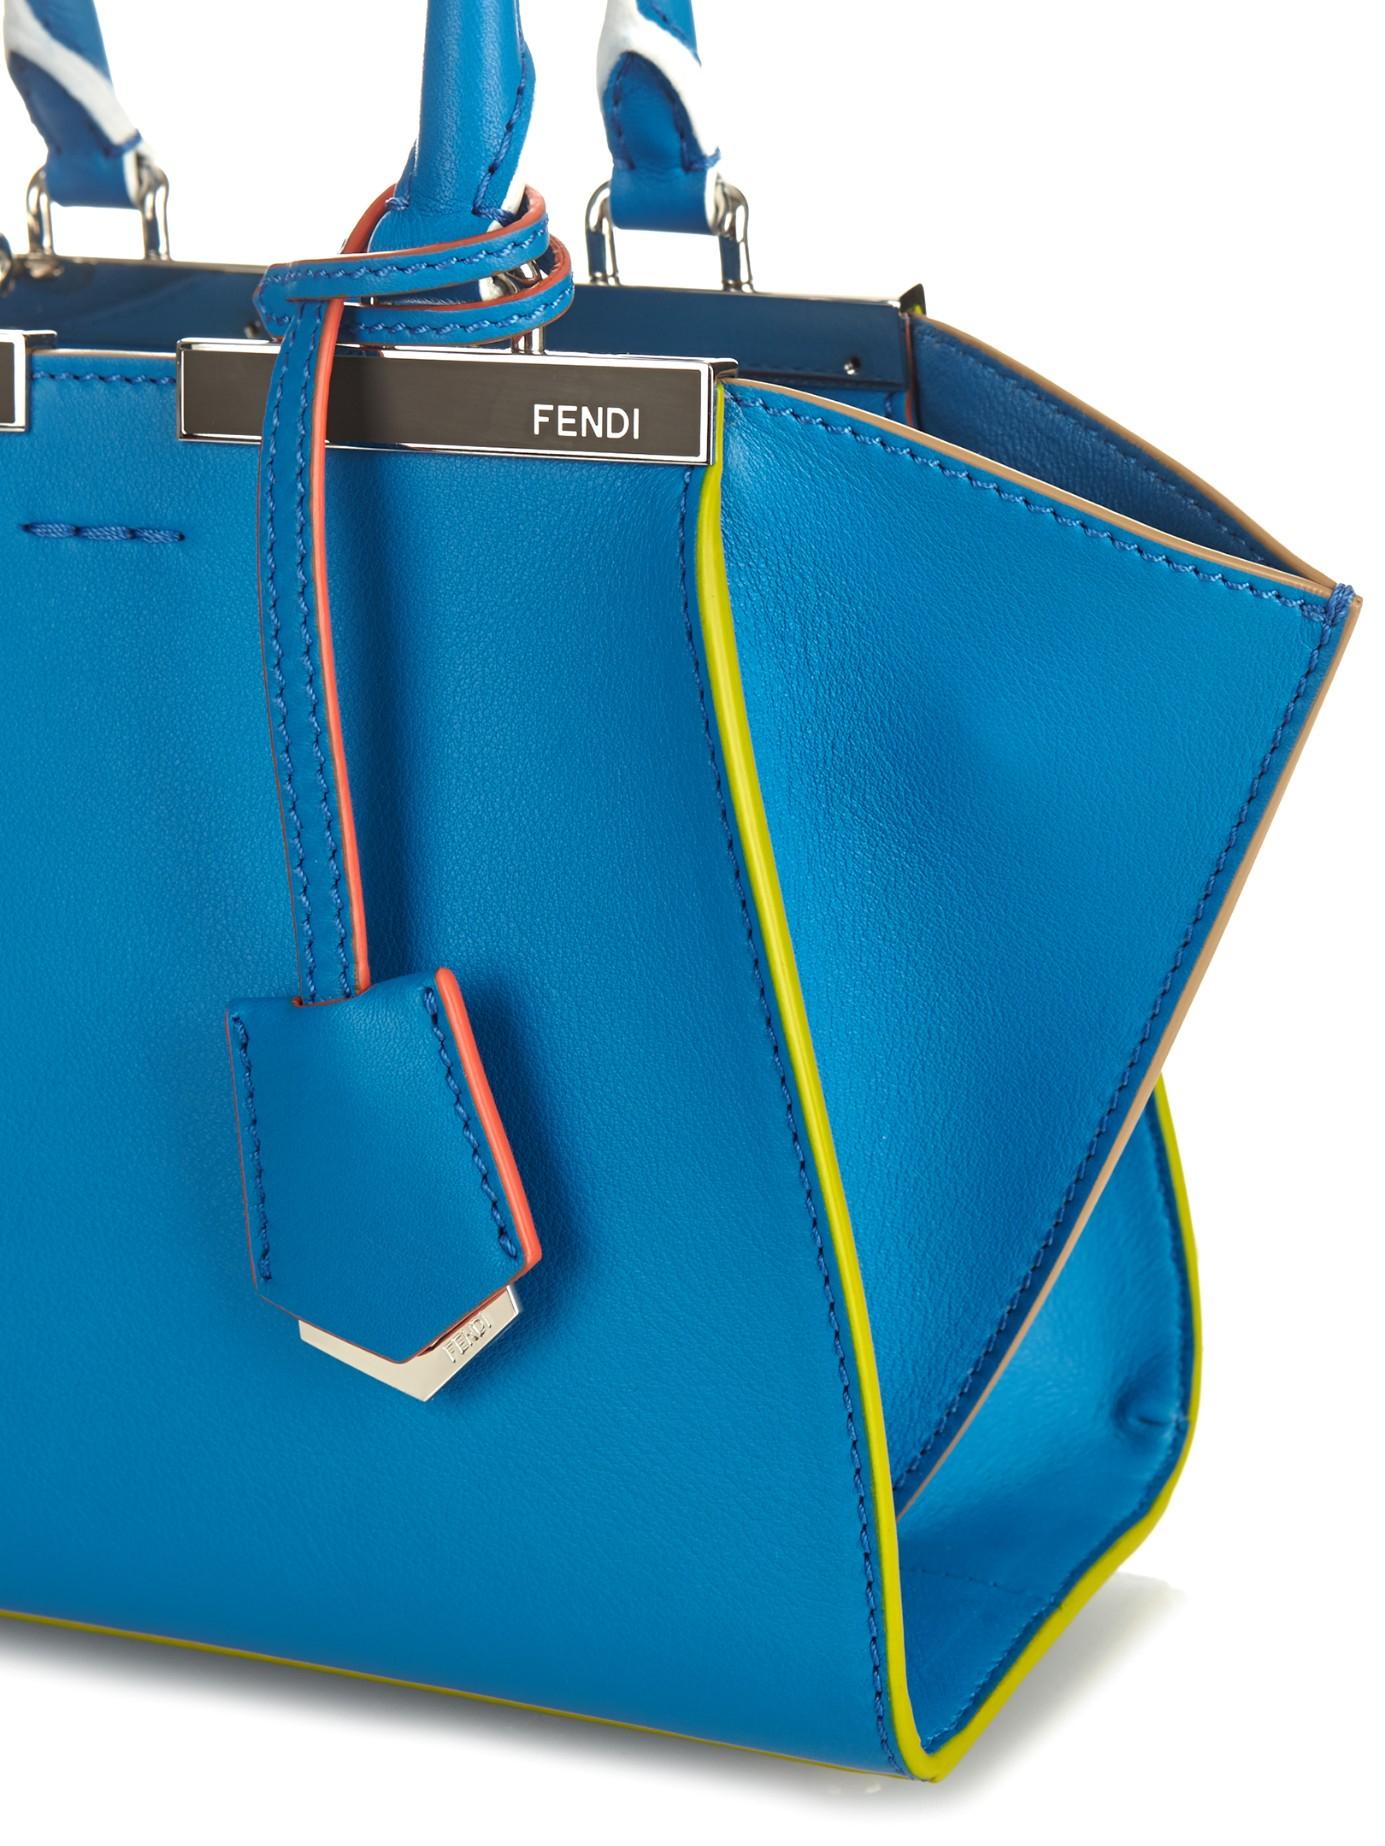 7405773cb9 Lyst - Fendi 3Jours Leather Cross-Body Bag in Blue